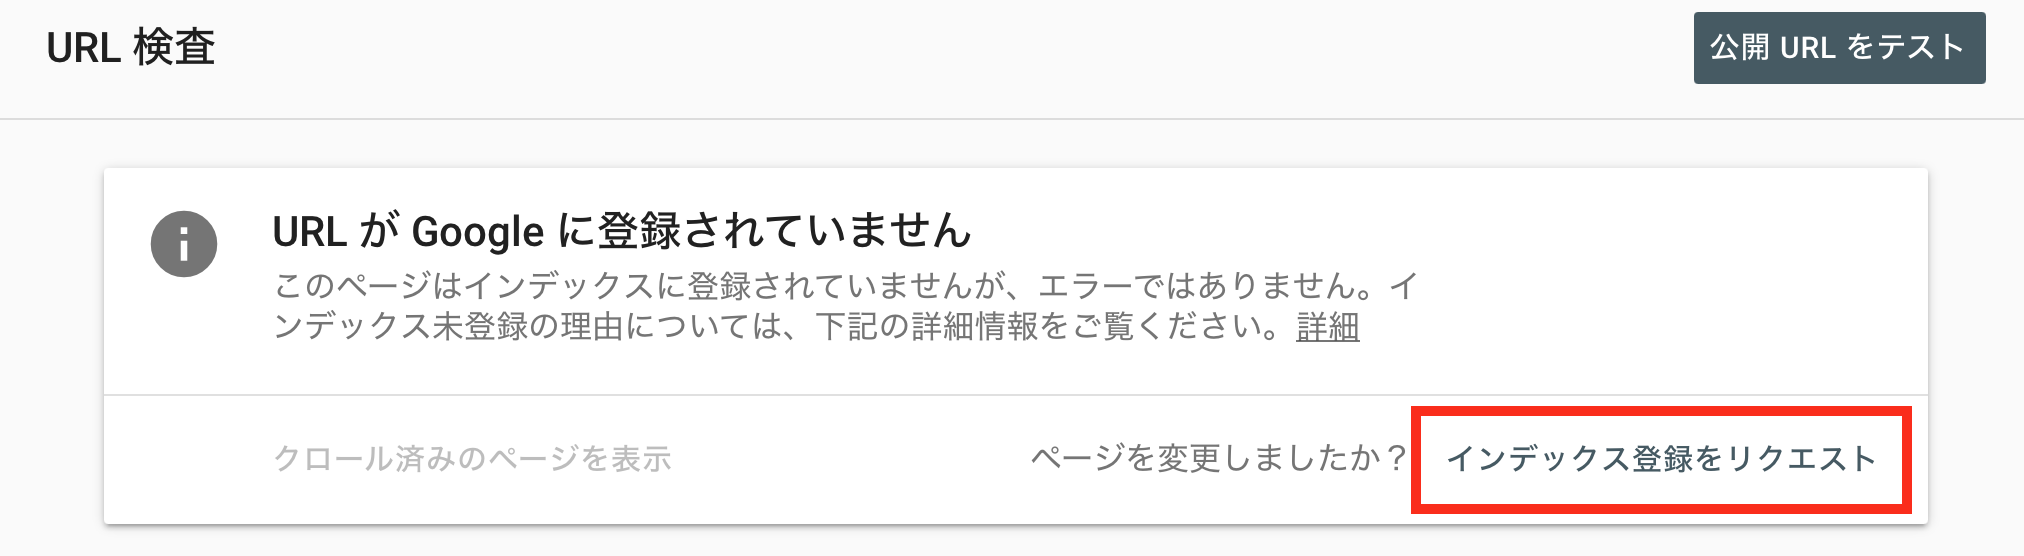 ブログ記事インデックス作業